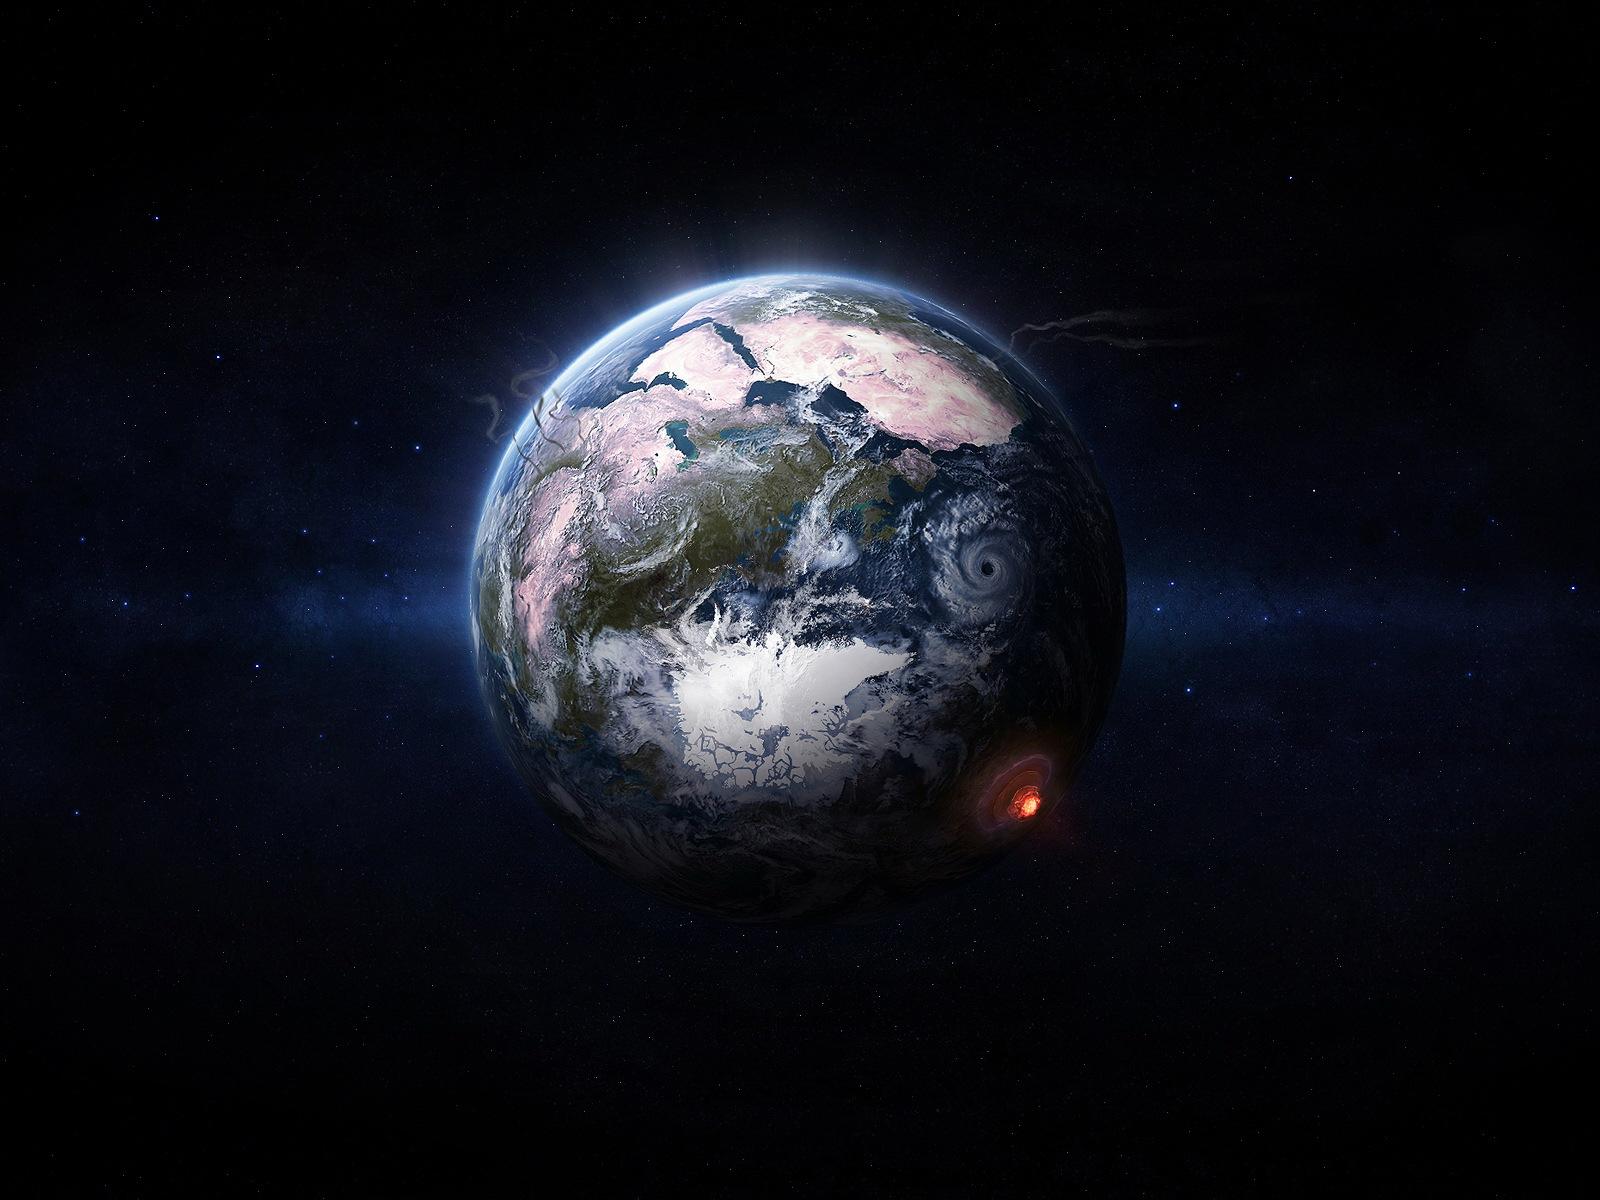 планета в космосе, скачать фото, space